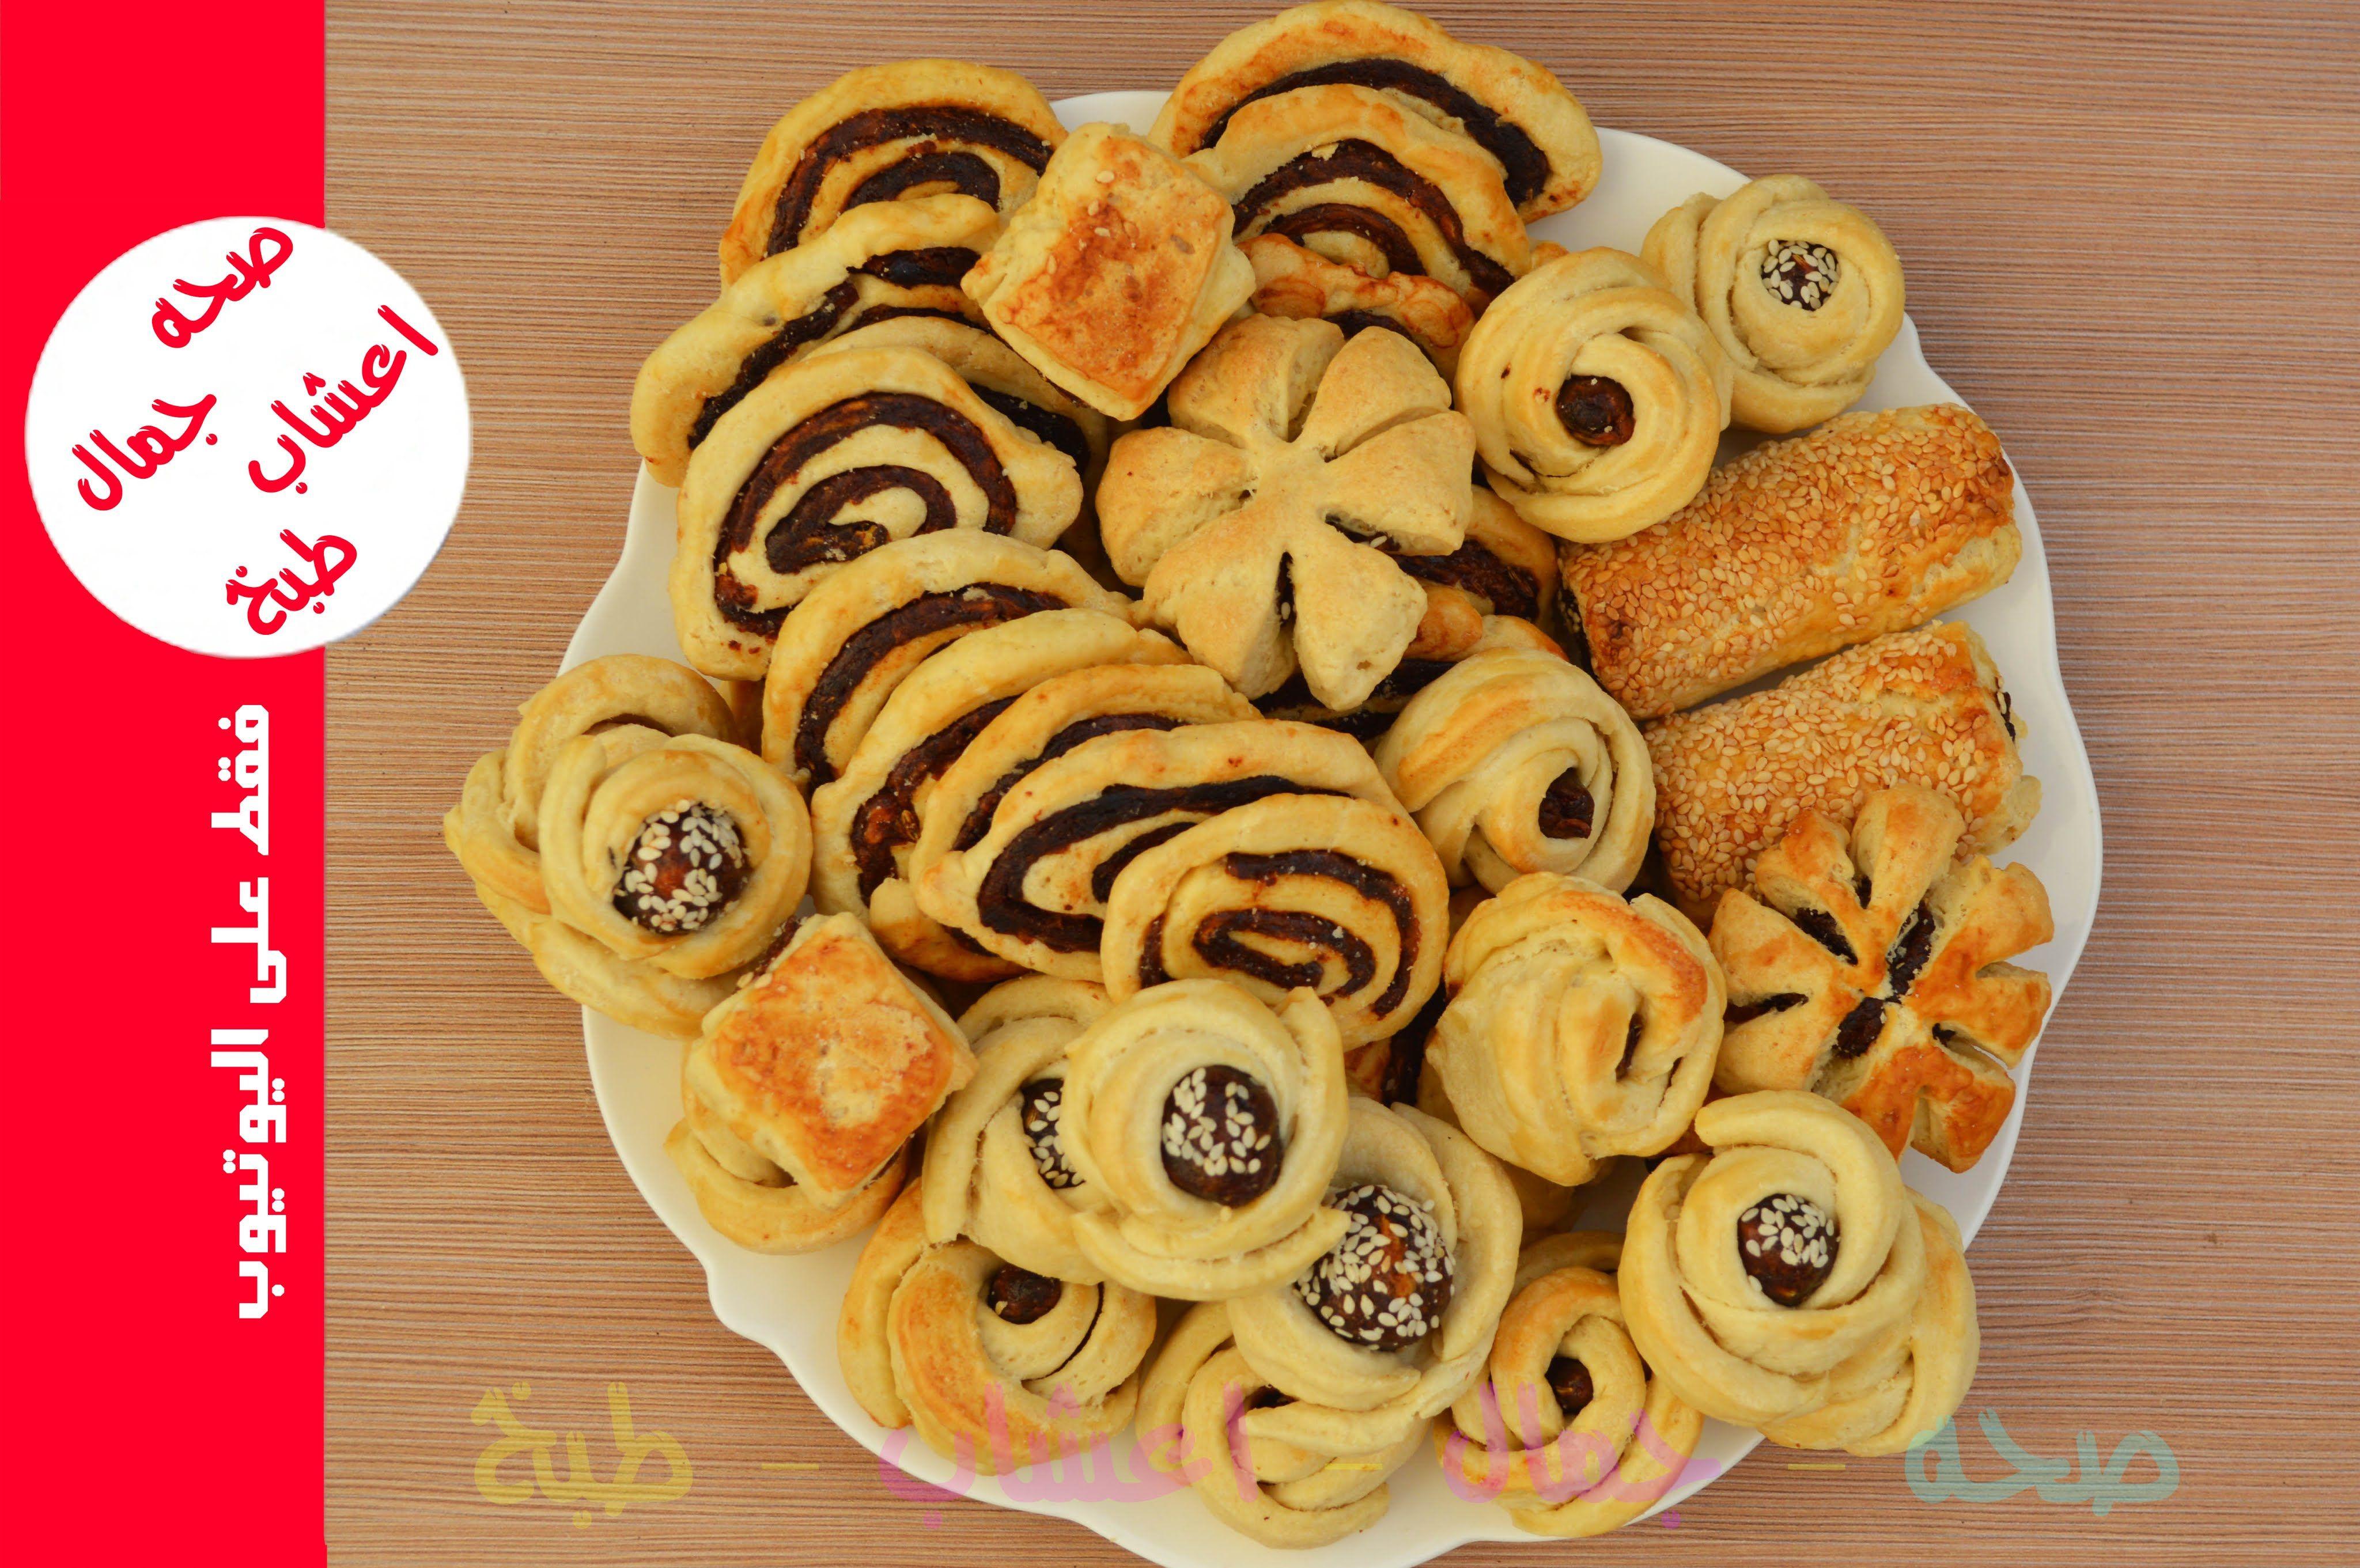 طريقة عمل عجينة الكليجة العراقية الهشة مع الاثبات Food Desserts Baking